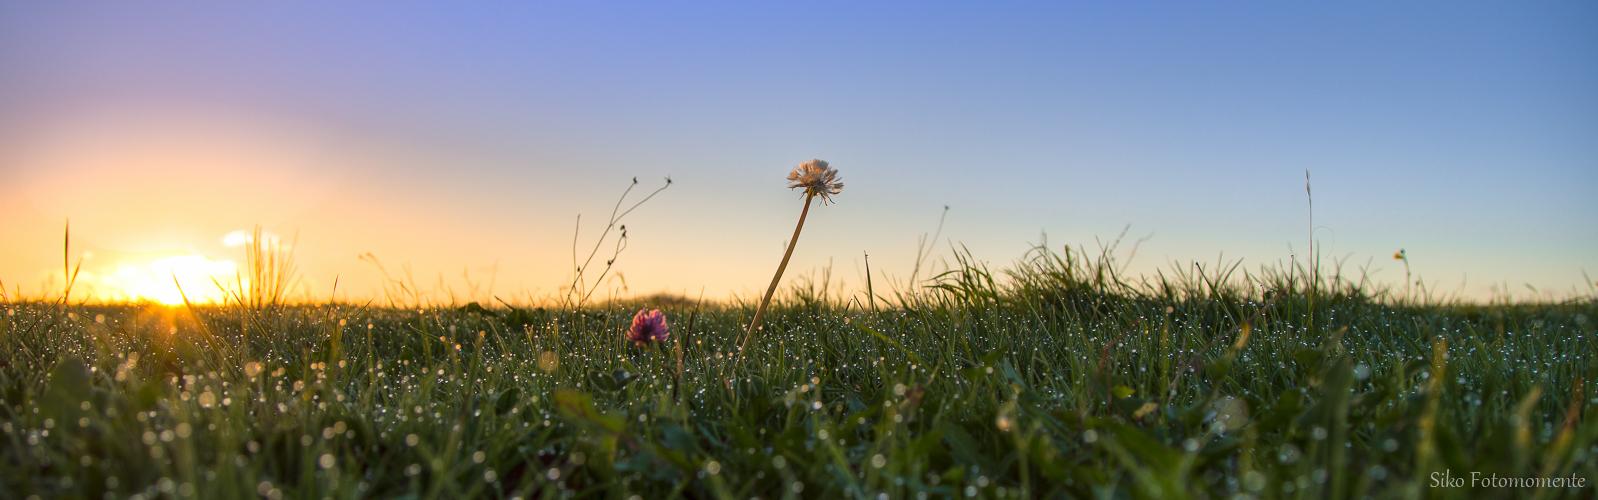 ... morgens im Gras ...